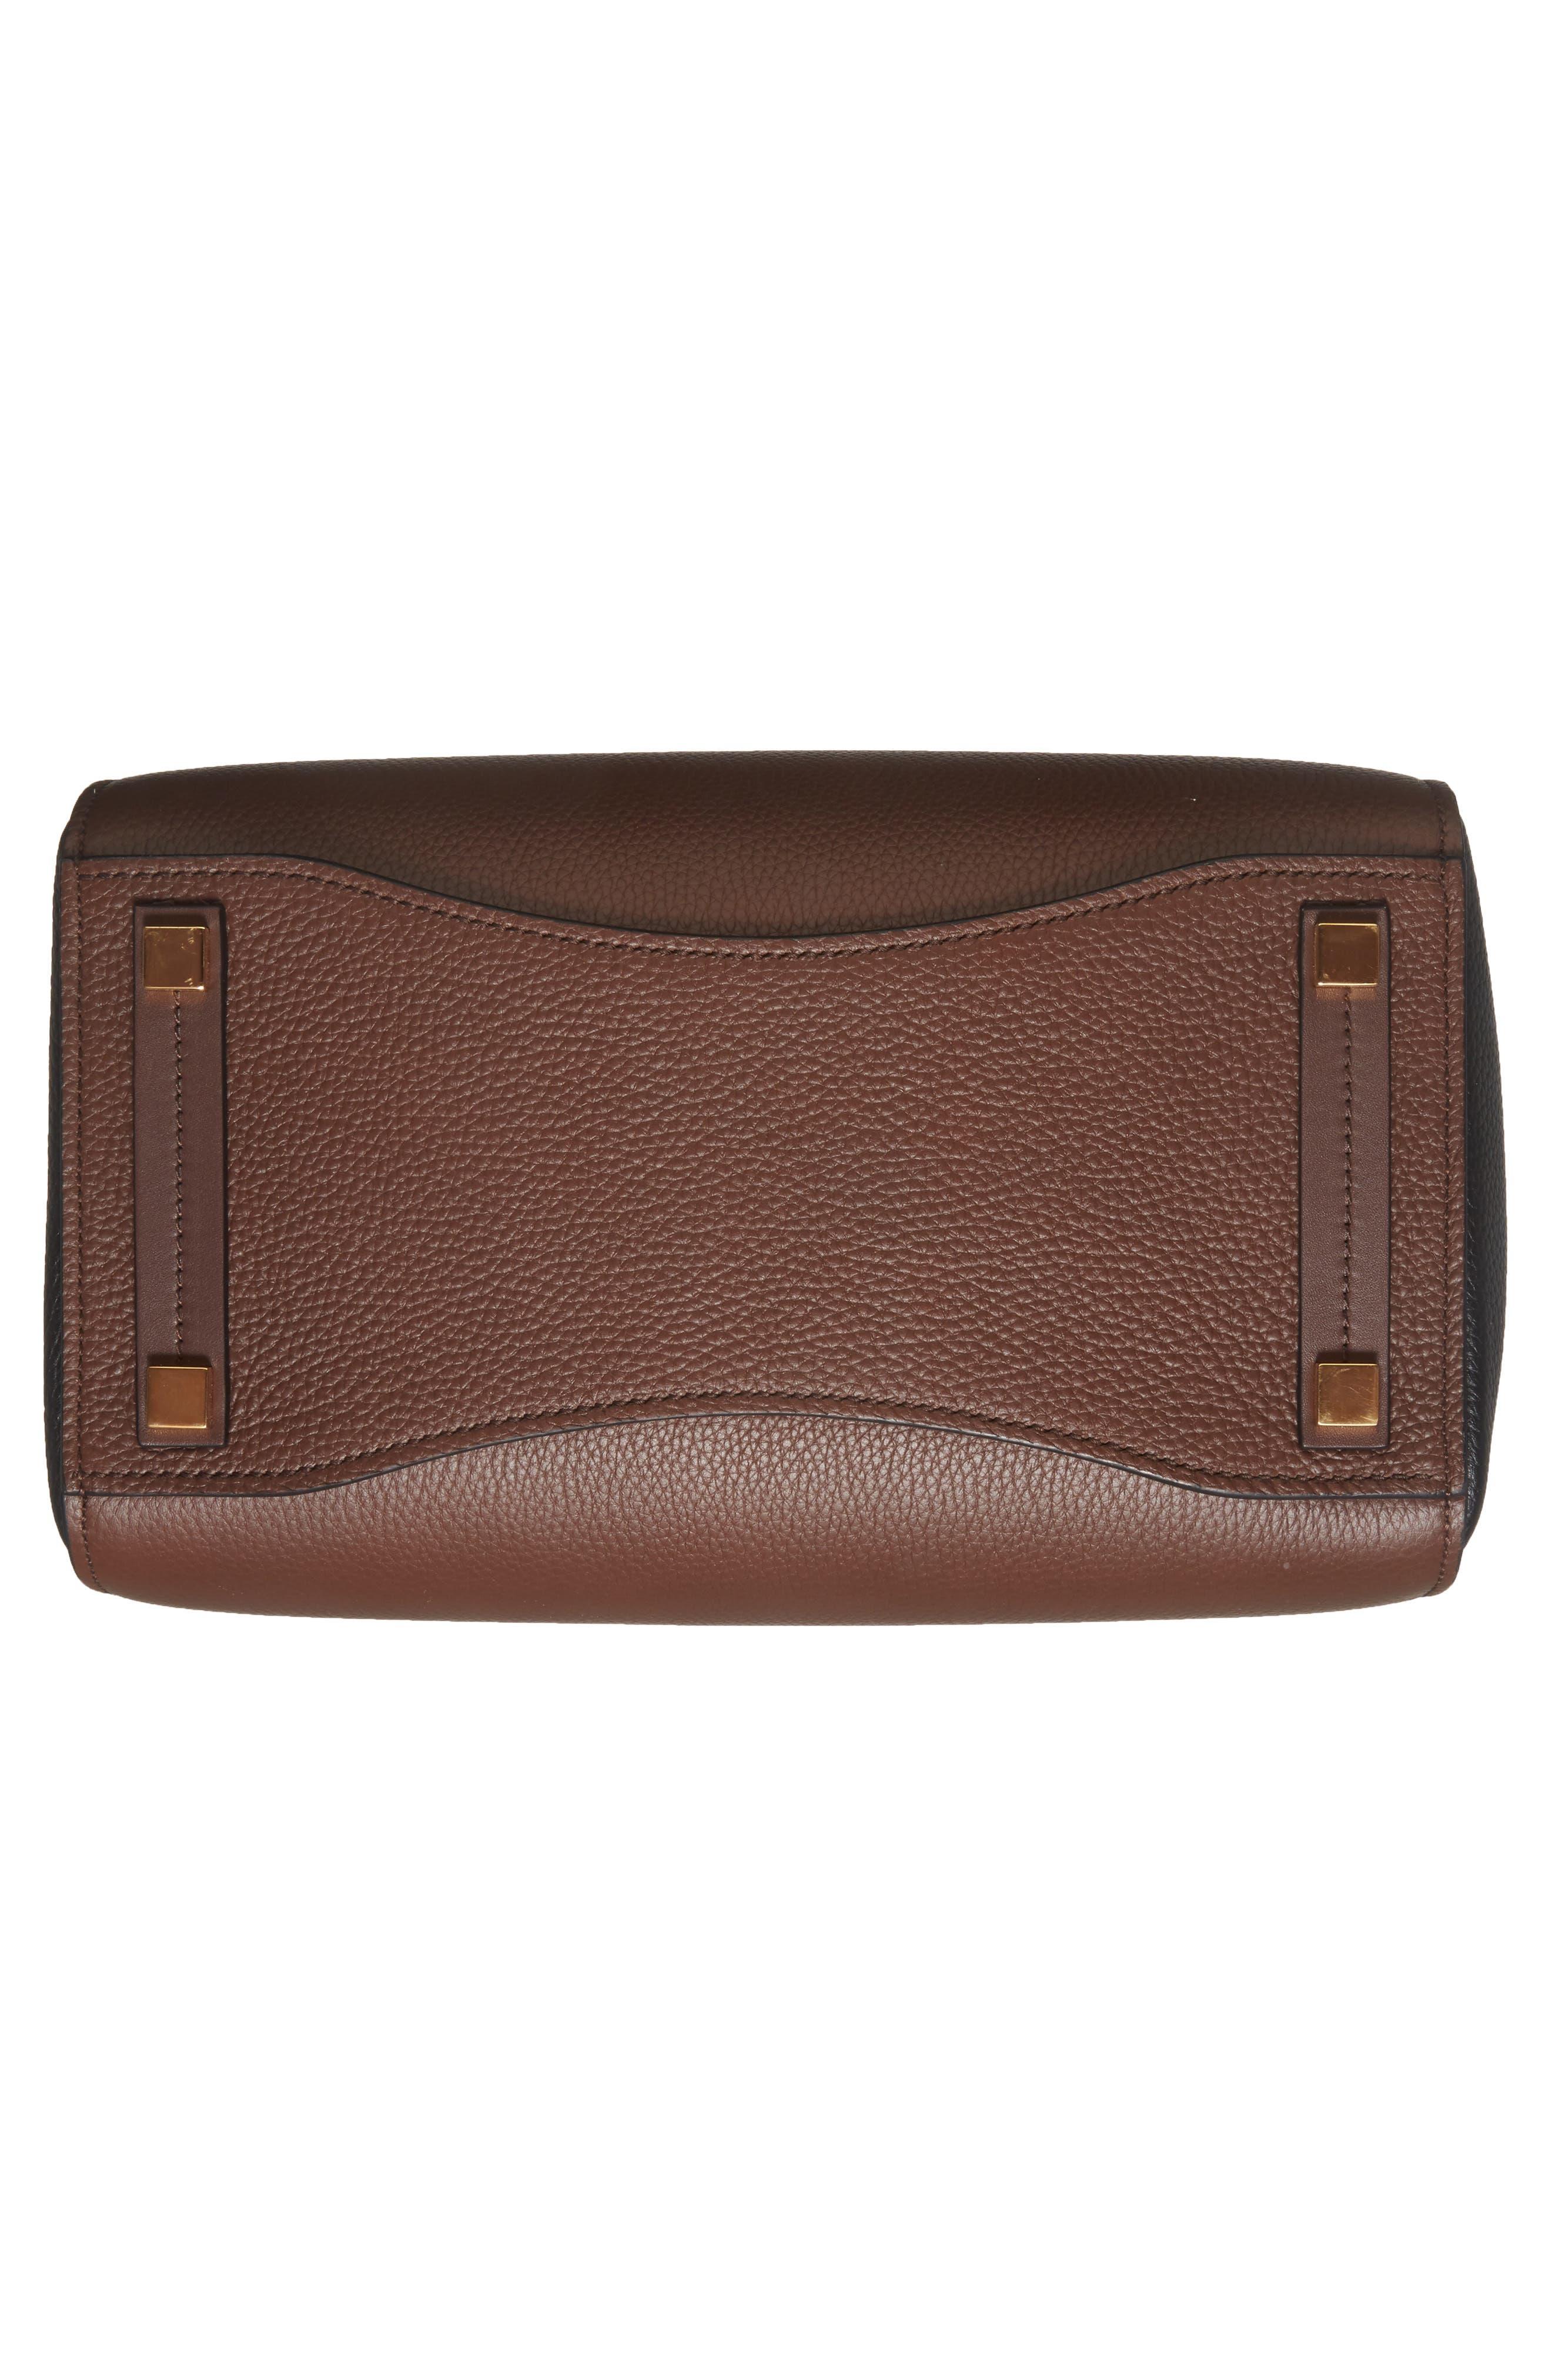 Large Bancroft Tricolor Leather Top Handle Satchel,                             Alternate thumbnail 6, color,                             210